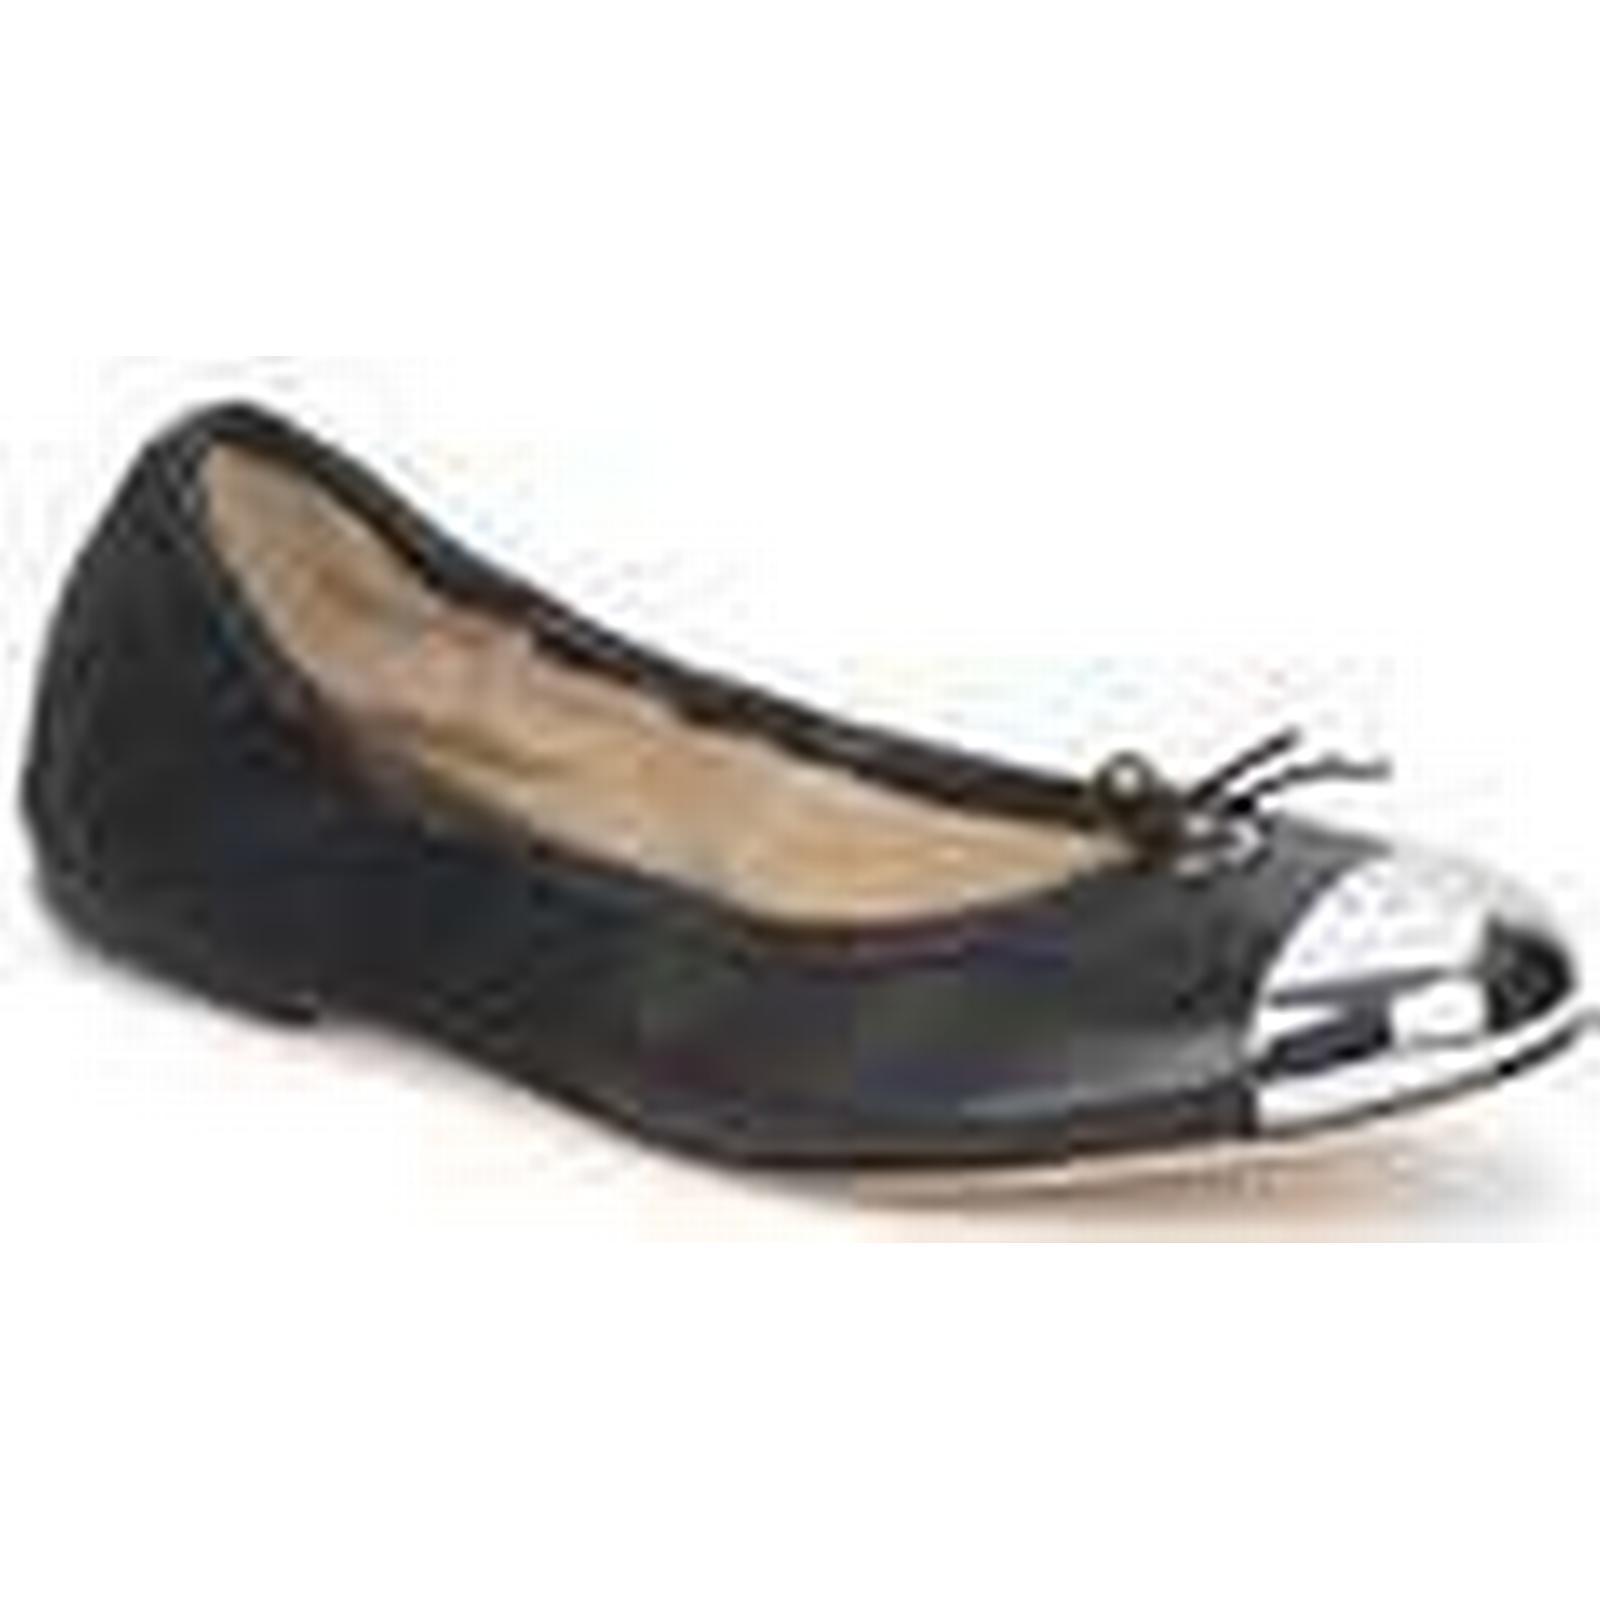 Sam Edelman Shoes  FARLEIGH  women's Shoes Edelman (Pumps / Ballerinas) in Black 392291